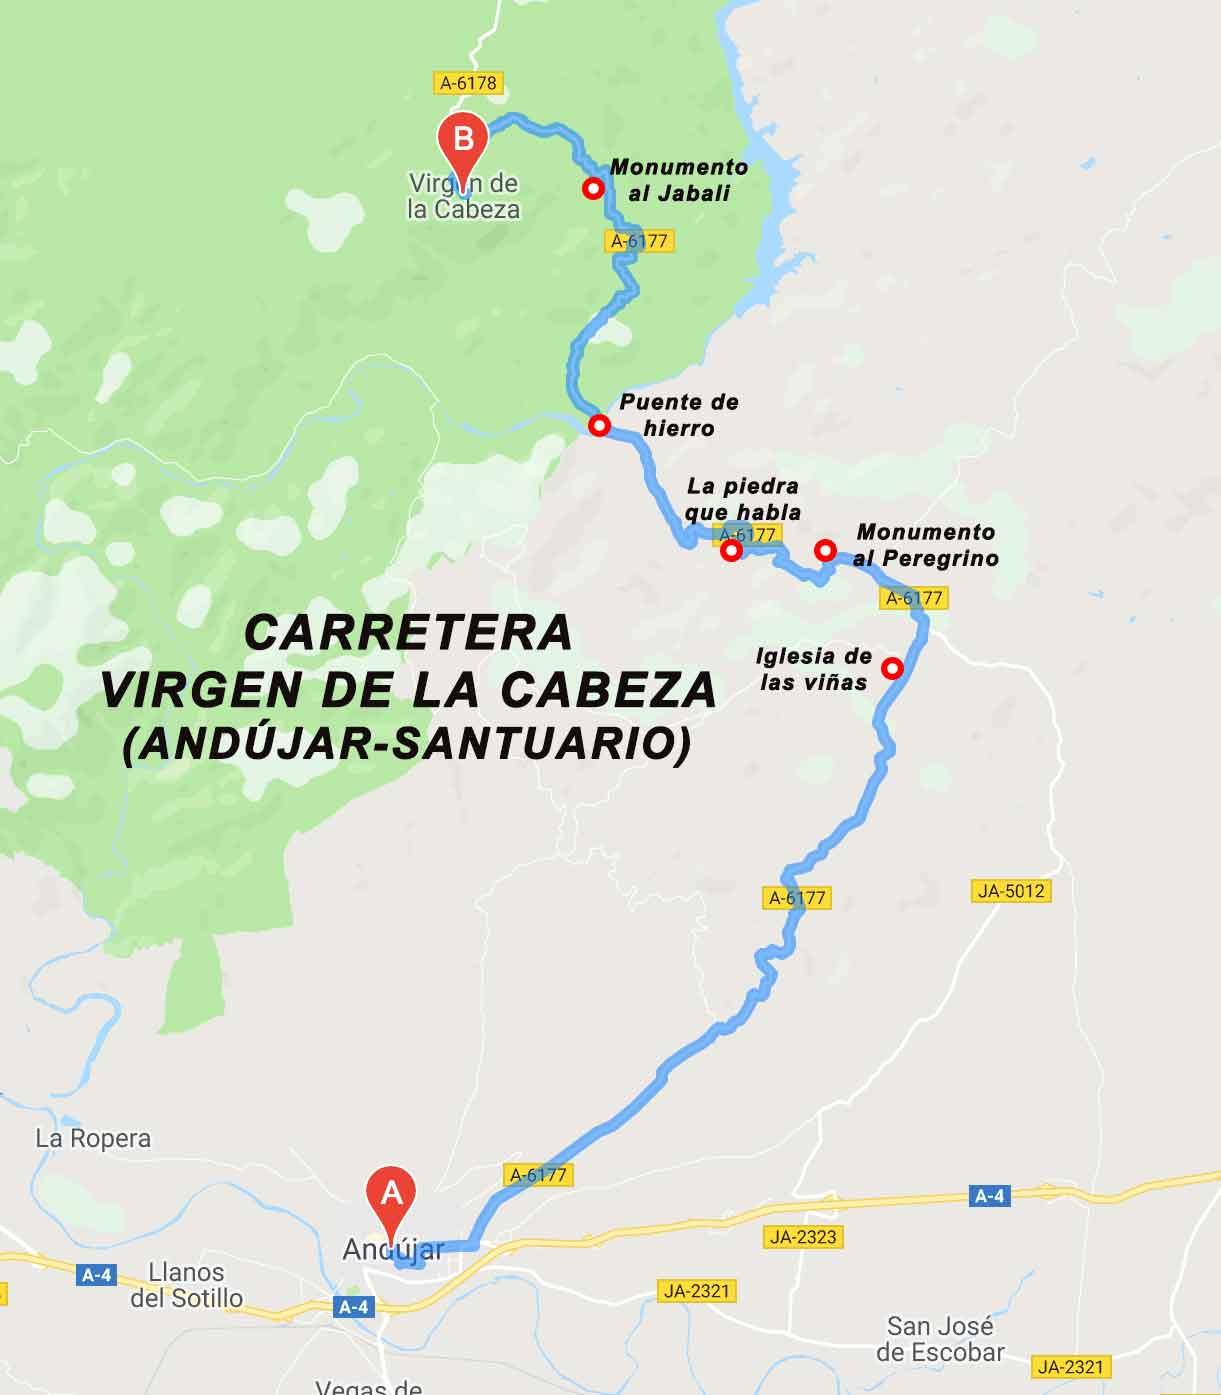 Carretera Virgen de la Cabeza Andújar